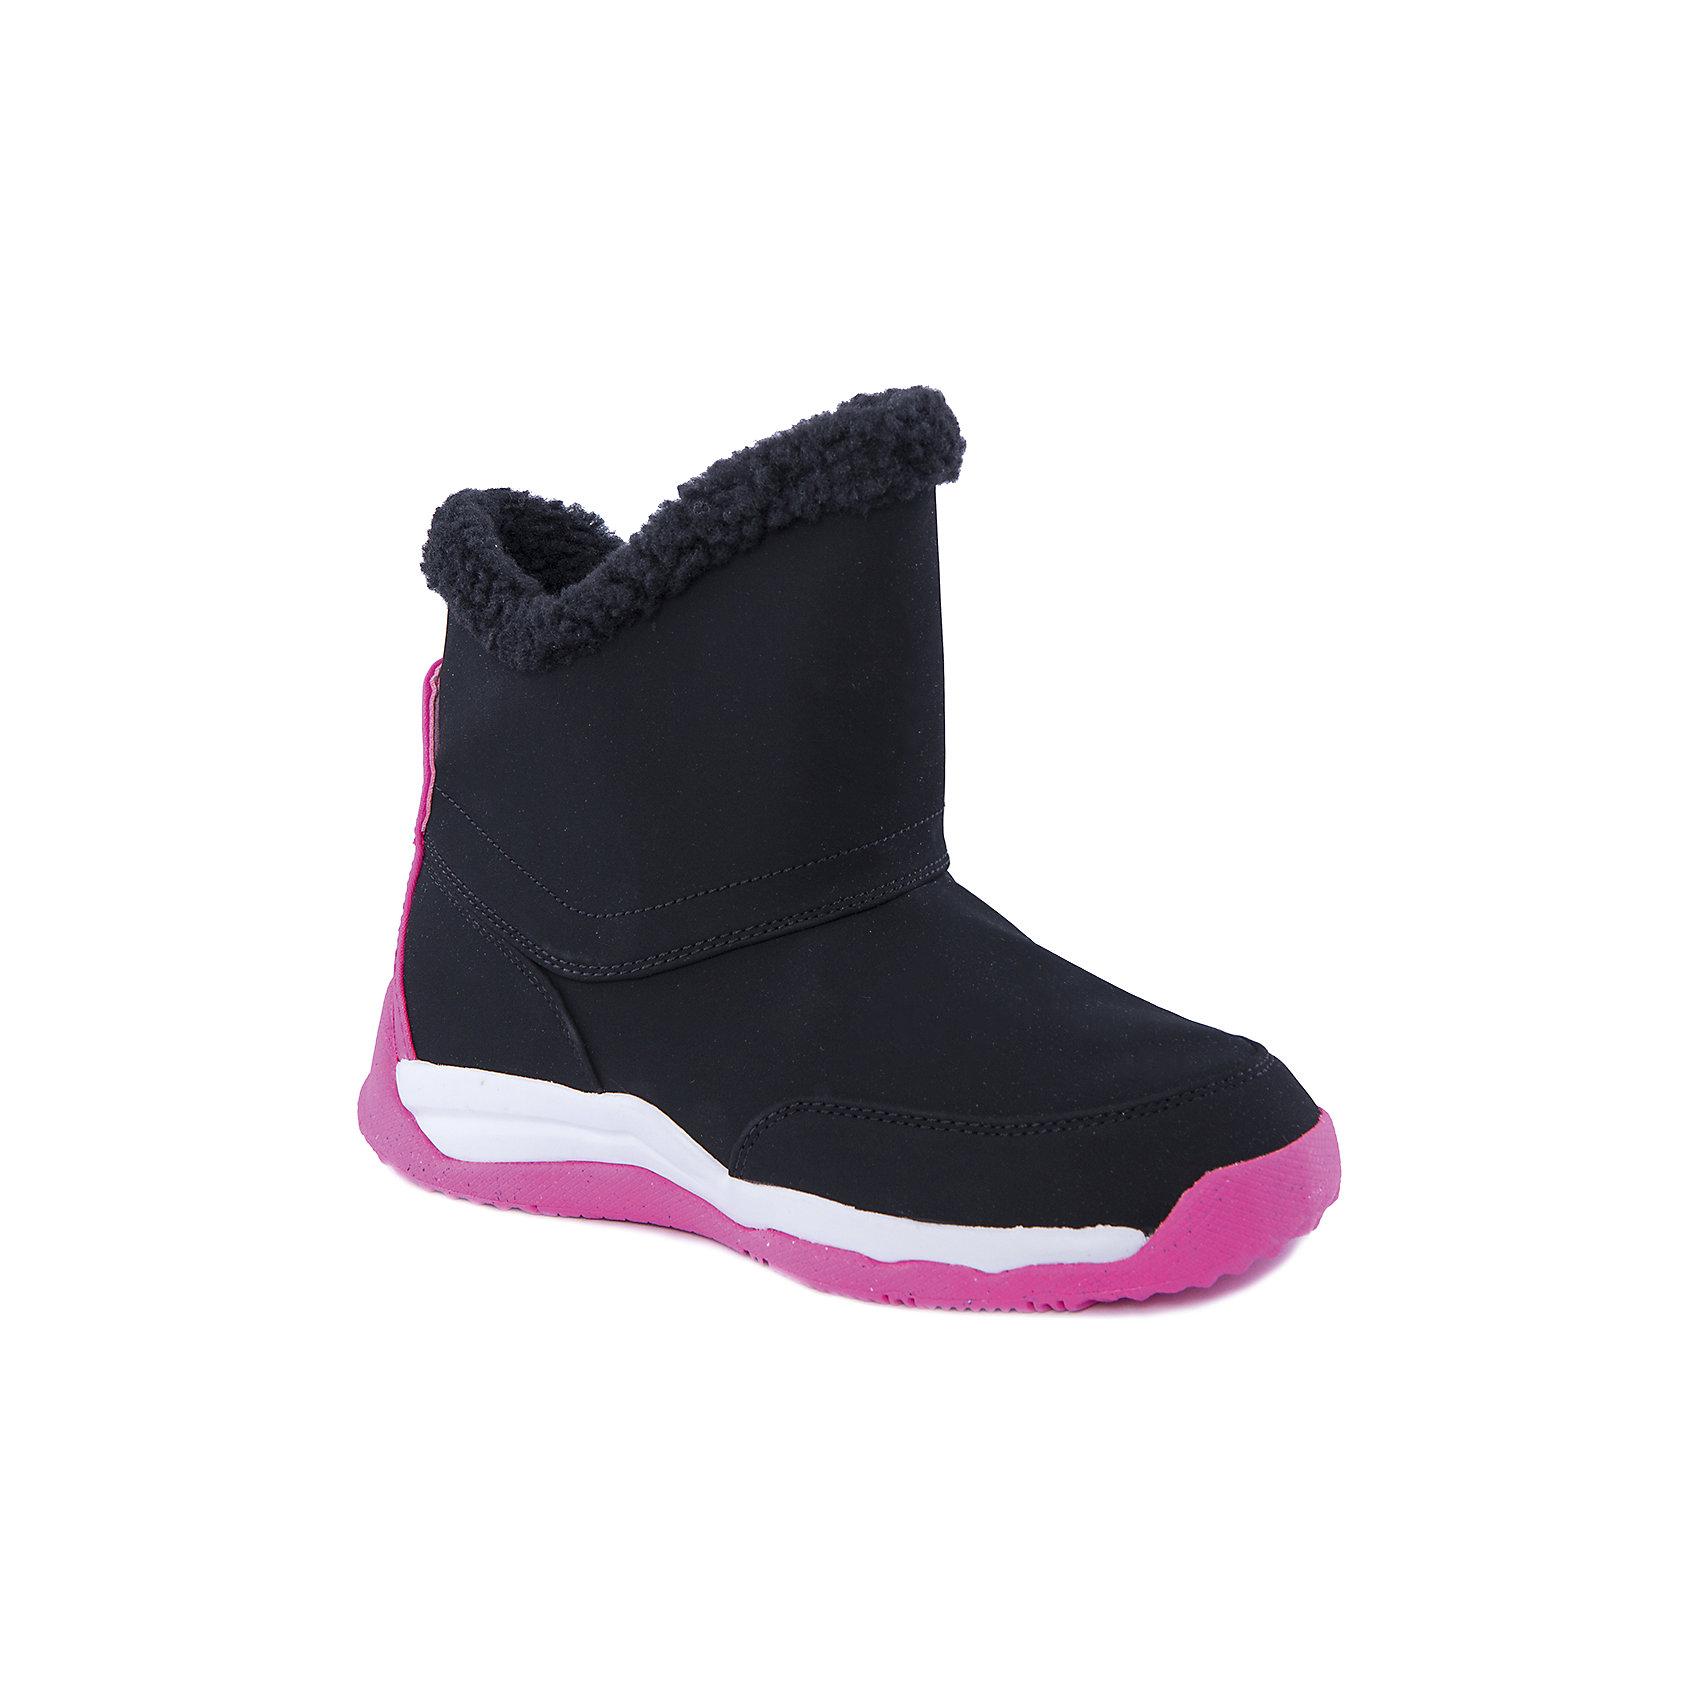 Сапоги для девочки CHUKKA MOC 2 WIDE NIKEБотинки<br>Легкие и теплые демисезонные ботинки для девочки CHUKKA MOC 2 WIDE от известной марки NIKE. Изделие предназначено для повседневной носки при температуре воздуха от -5 до +10 градусов и обладает следующими особенностями:<br>- яркая расцветка, привлекательный дизайн;<br>- закругленный мыс;<br>- удобная застежка-молния сбоку;<br>- укрепленный задник;<br>- мягкая подкладка;<br>- удобная стелька;<br>- легкая подошва, обеспечивающая отличное сцепление с любой поверхностью.<br> <br>Состав:<br>верх: 51% синтетика, 49% текстиль<br>подкладка: 100% текстиль<br>подошва: 100% резина<br><br>Ботинки для девочки CHUKKA MOC 2 WIDE  от NIKE (Найк) можно купить в нашем магазине<br><br>Ширина мм: 250<br>Глубина мм: 150<br>Высота мм: 150<br>Вес г: 250<br>Цвет: черный<br>Возраст от месяцев: 132<br>Возраст до месяцев: 144<br>Пол: Женский<br>Возраст: Детский<br>Размер: 35,35.5,37,36.5,37.5,37,34.5,34<br>SKU: 3865982